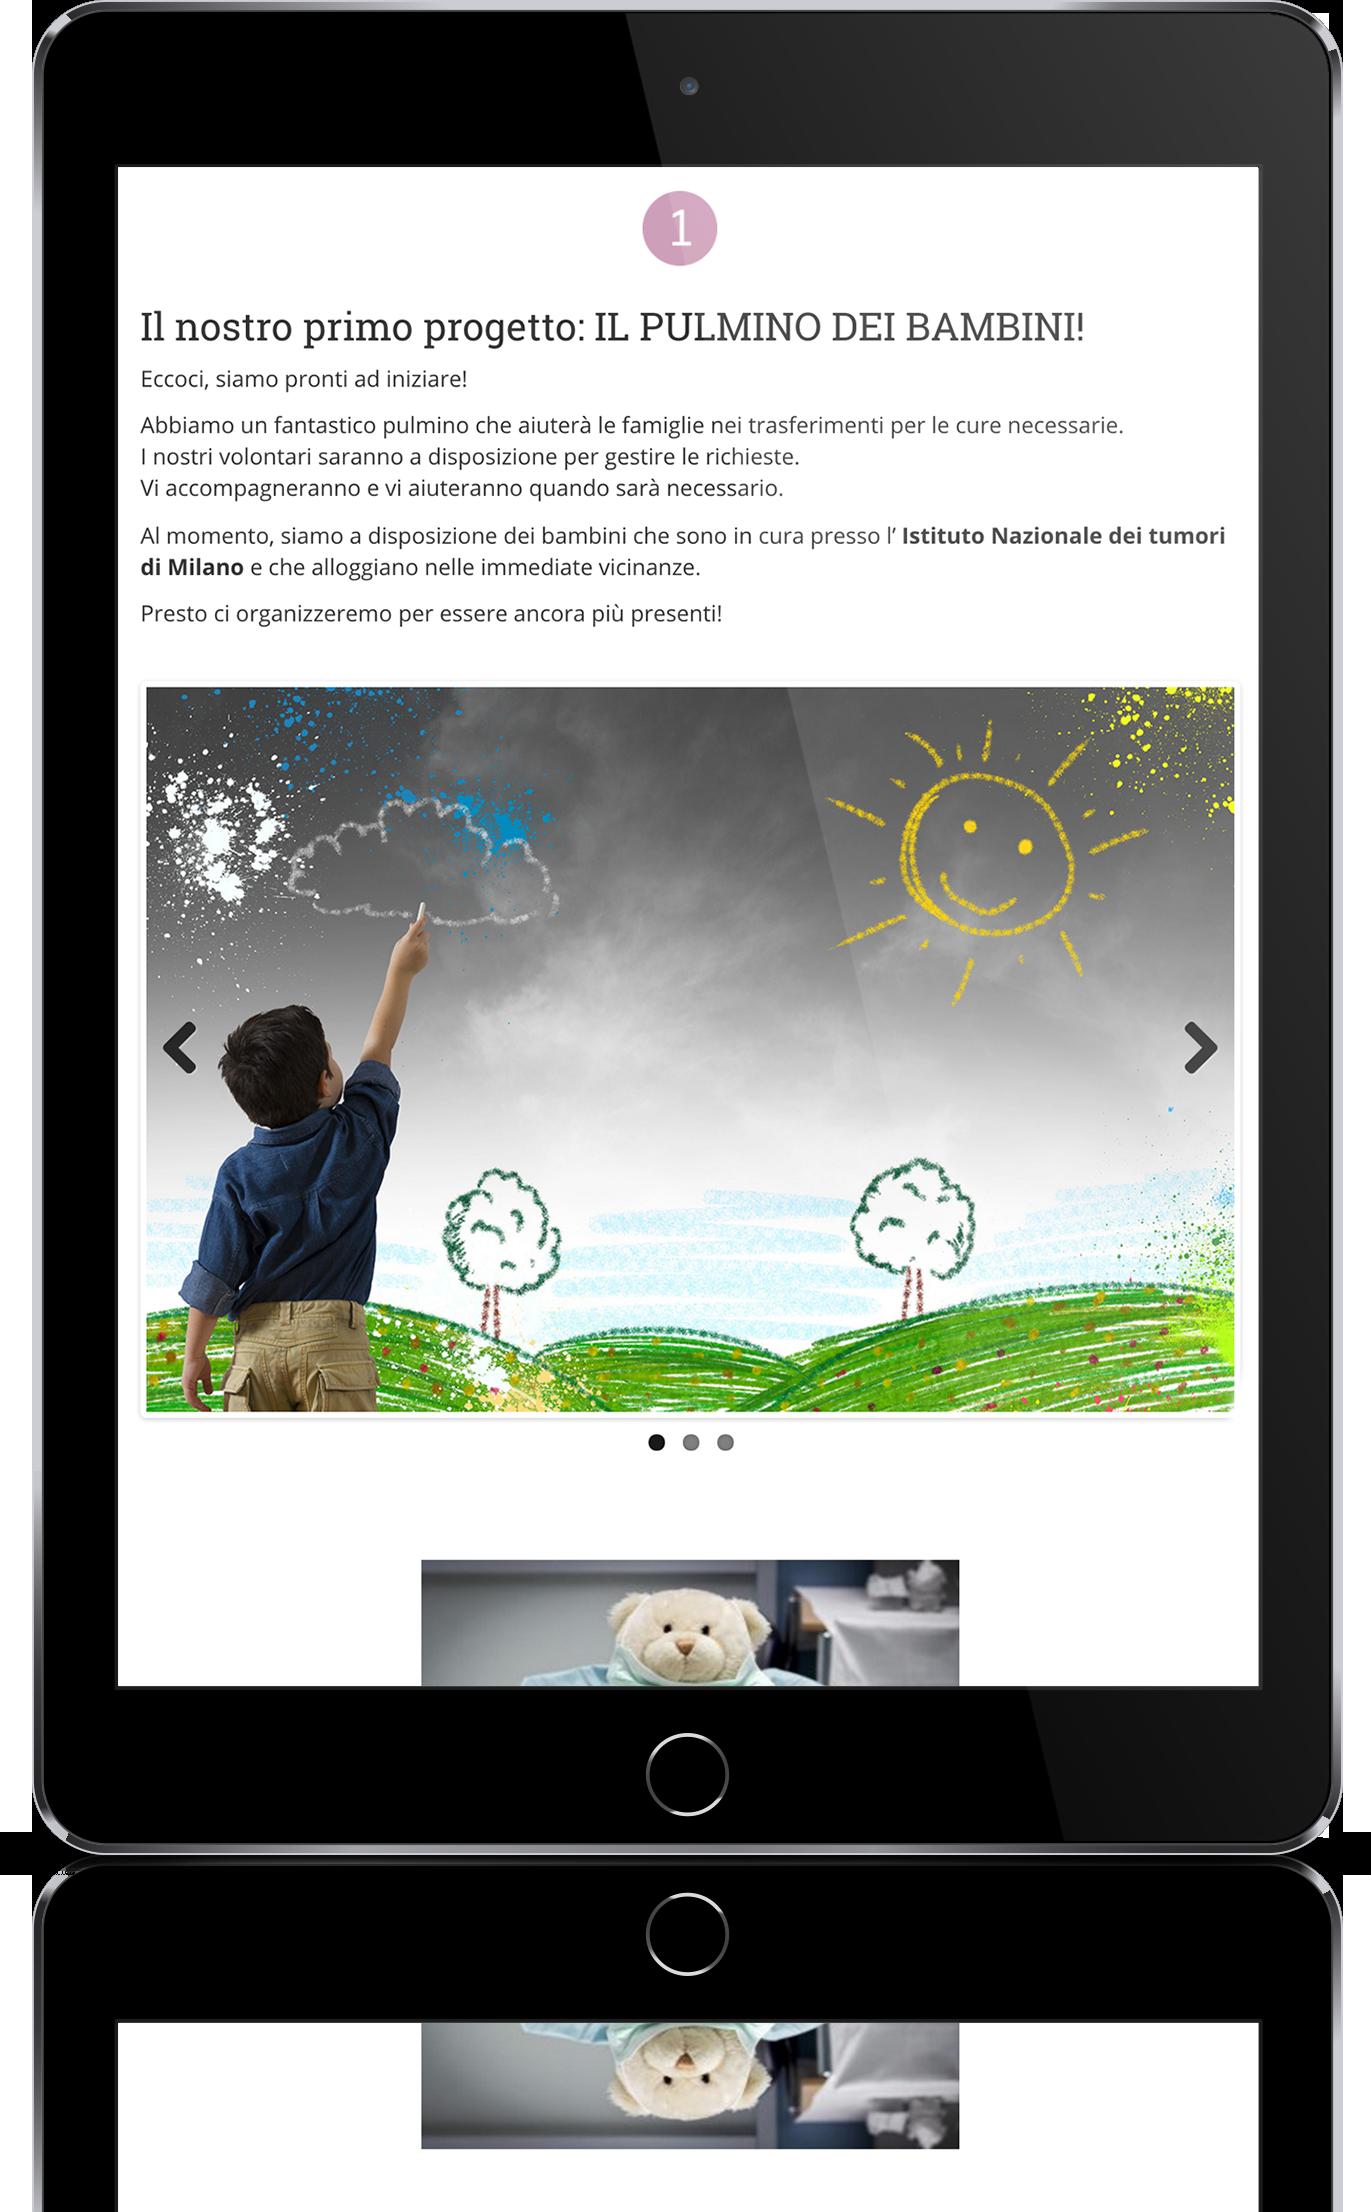 mockup tablet sviluppo sito web responsivo associazione vittoria